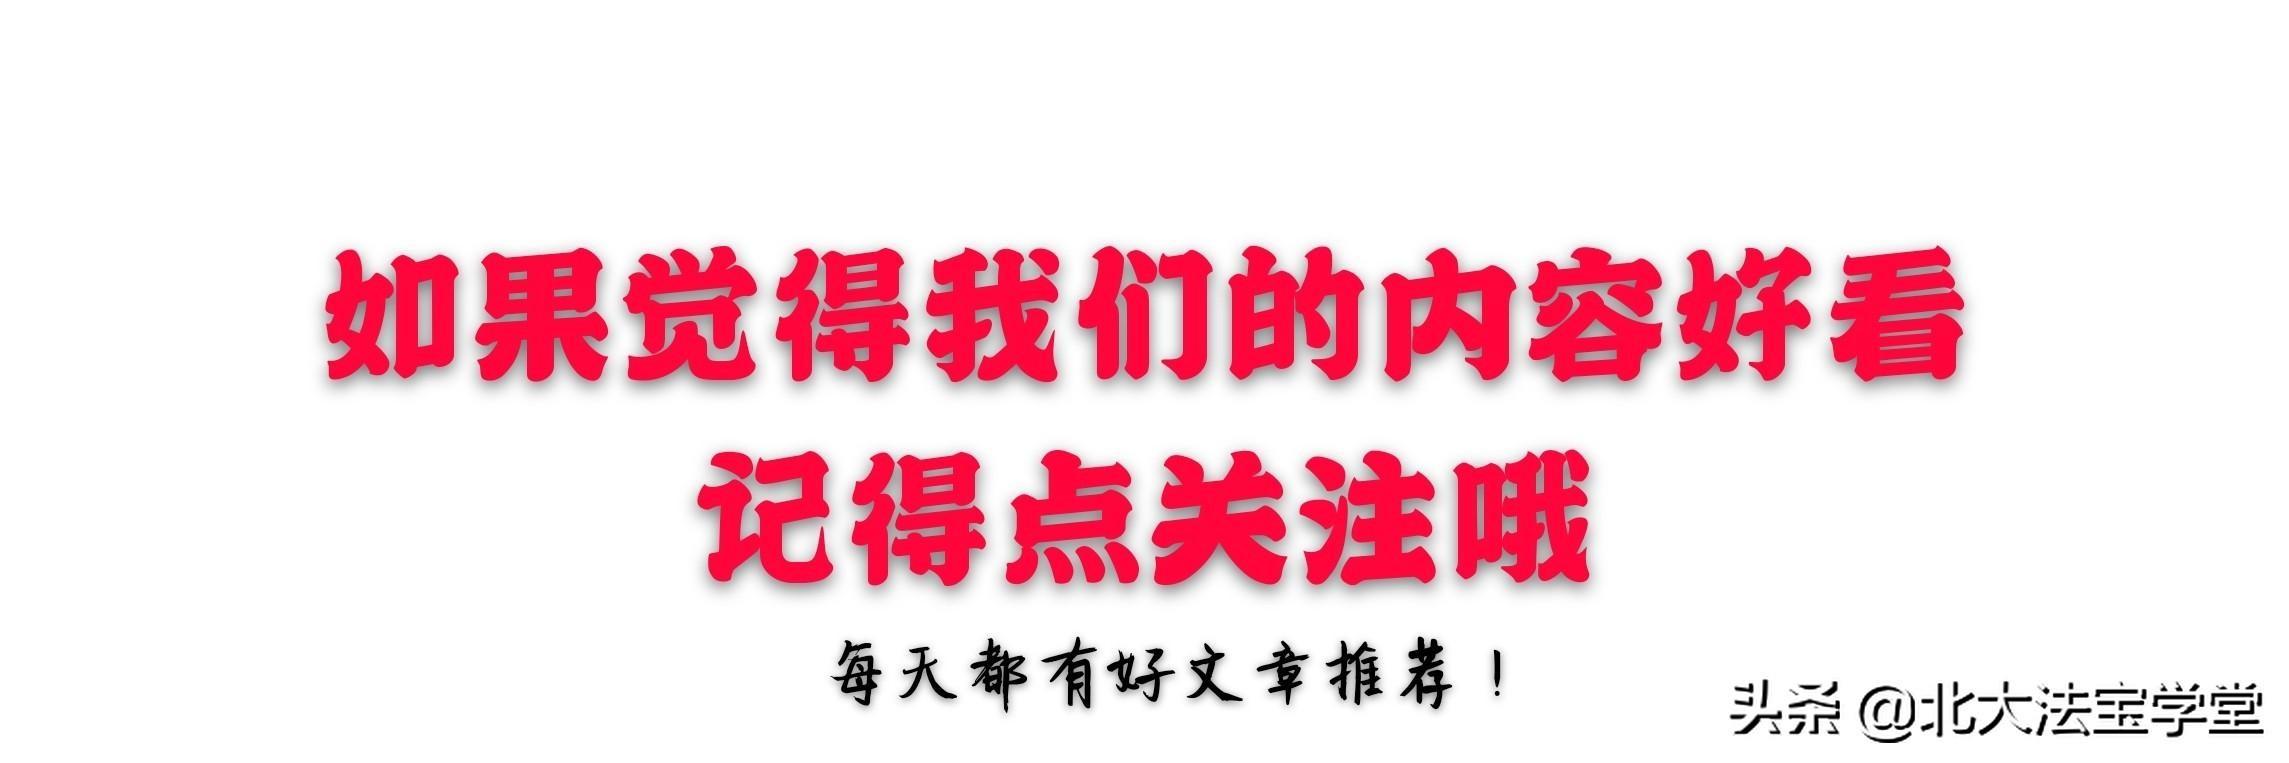 《芮沐文集》出版并举行线上发布会